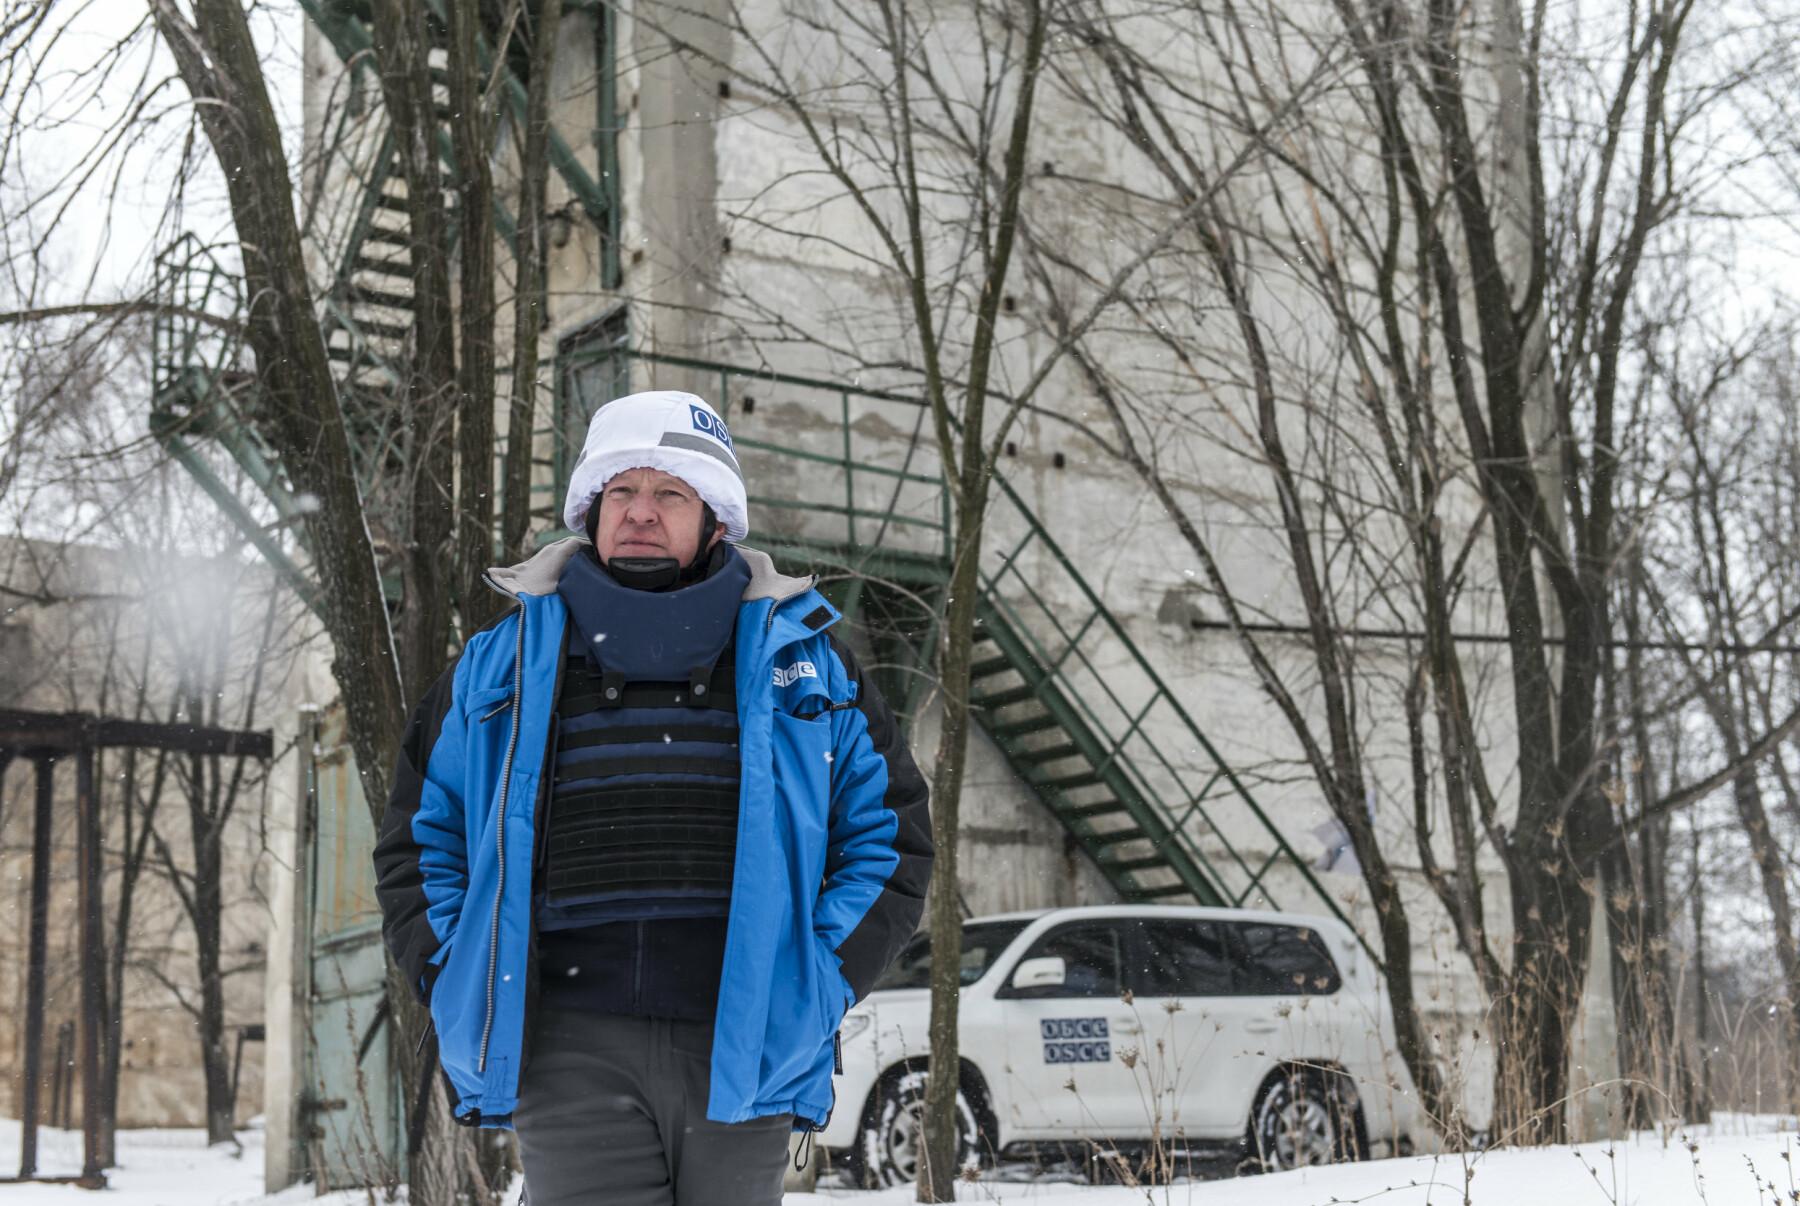 Østfronten. En norsk generalløytnant (Arne Bård Dalhaug) passer på våpenhvilen i Øst-Ukraina. Den brytes hver dag. Organisasjonen for sikkerhet og samarbeid i Europa (OSSE) har 700 observatører i Øst-Ukraina – på begge sider av frontlinja. 20 er norske.